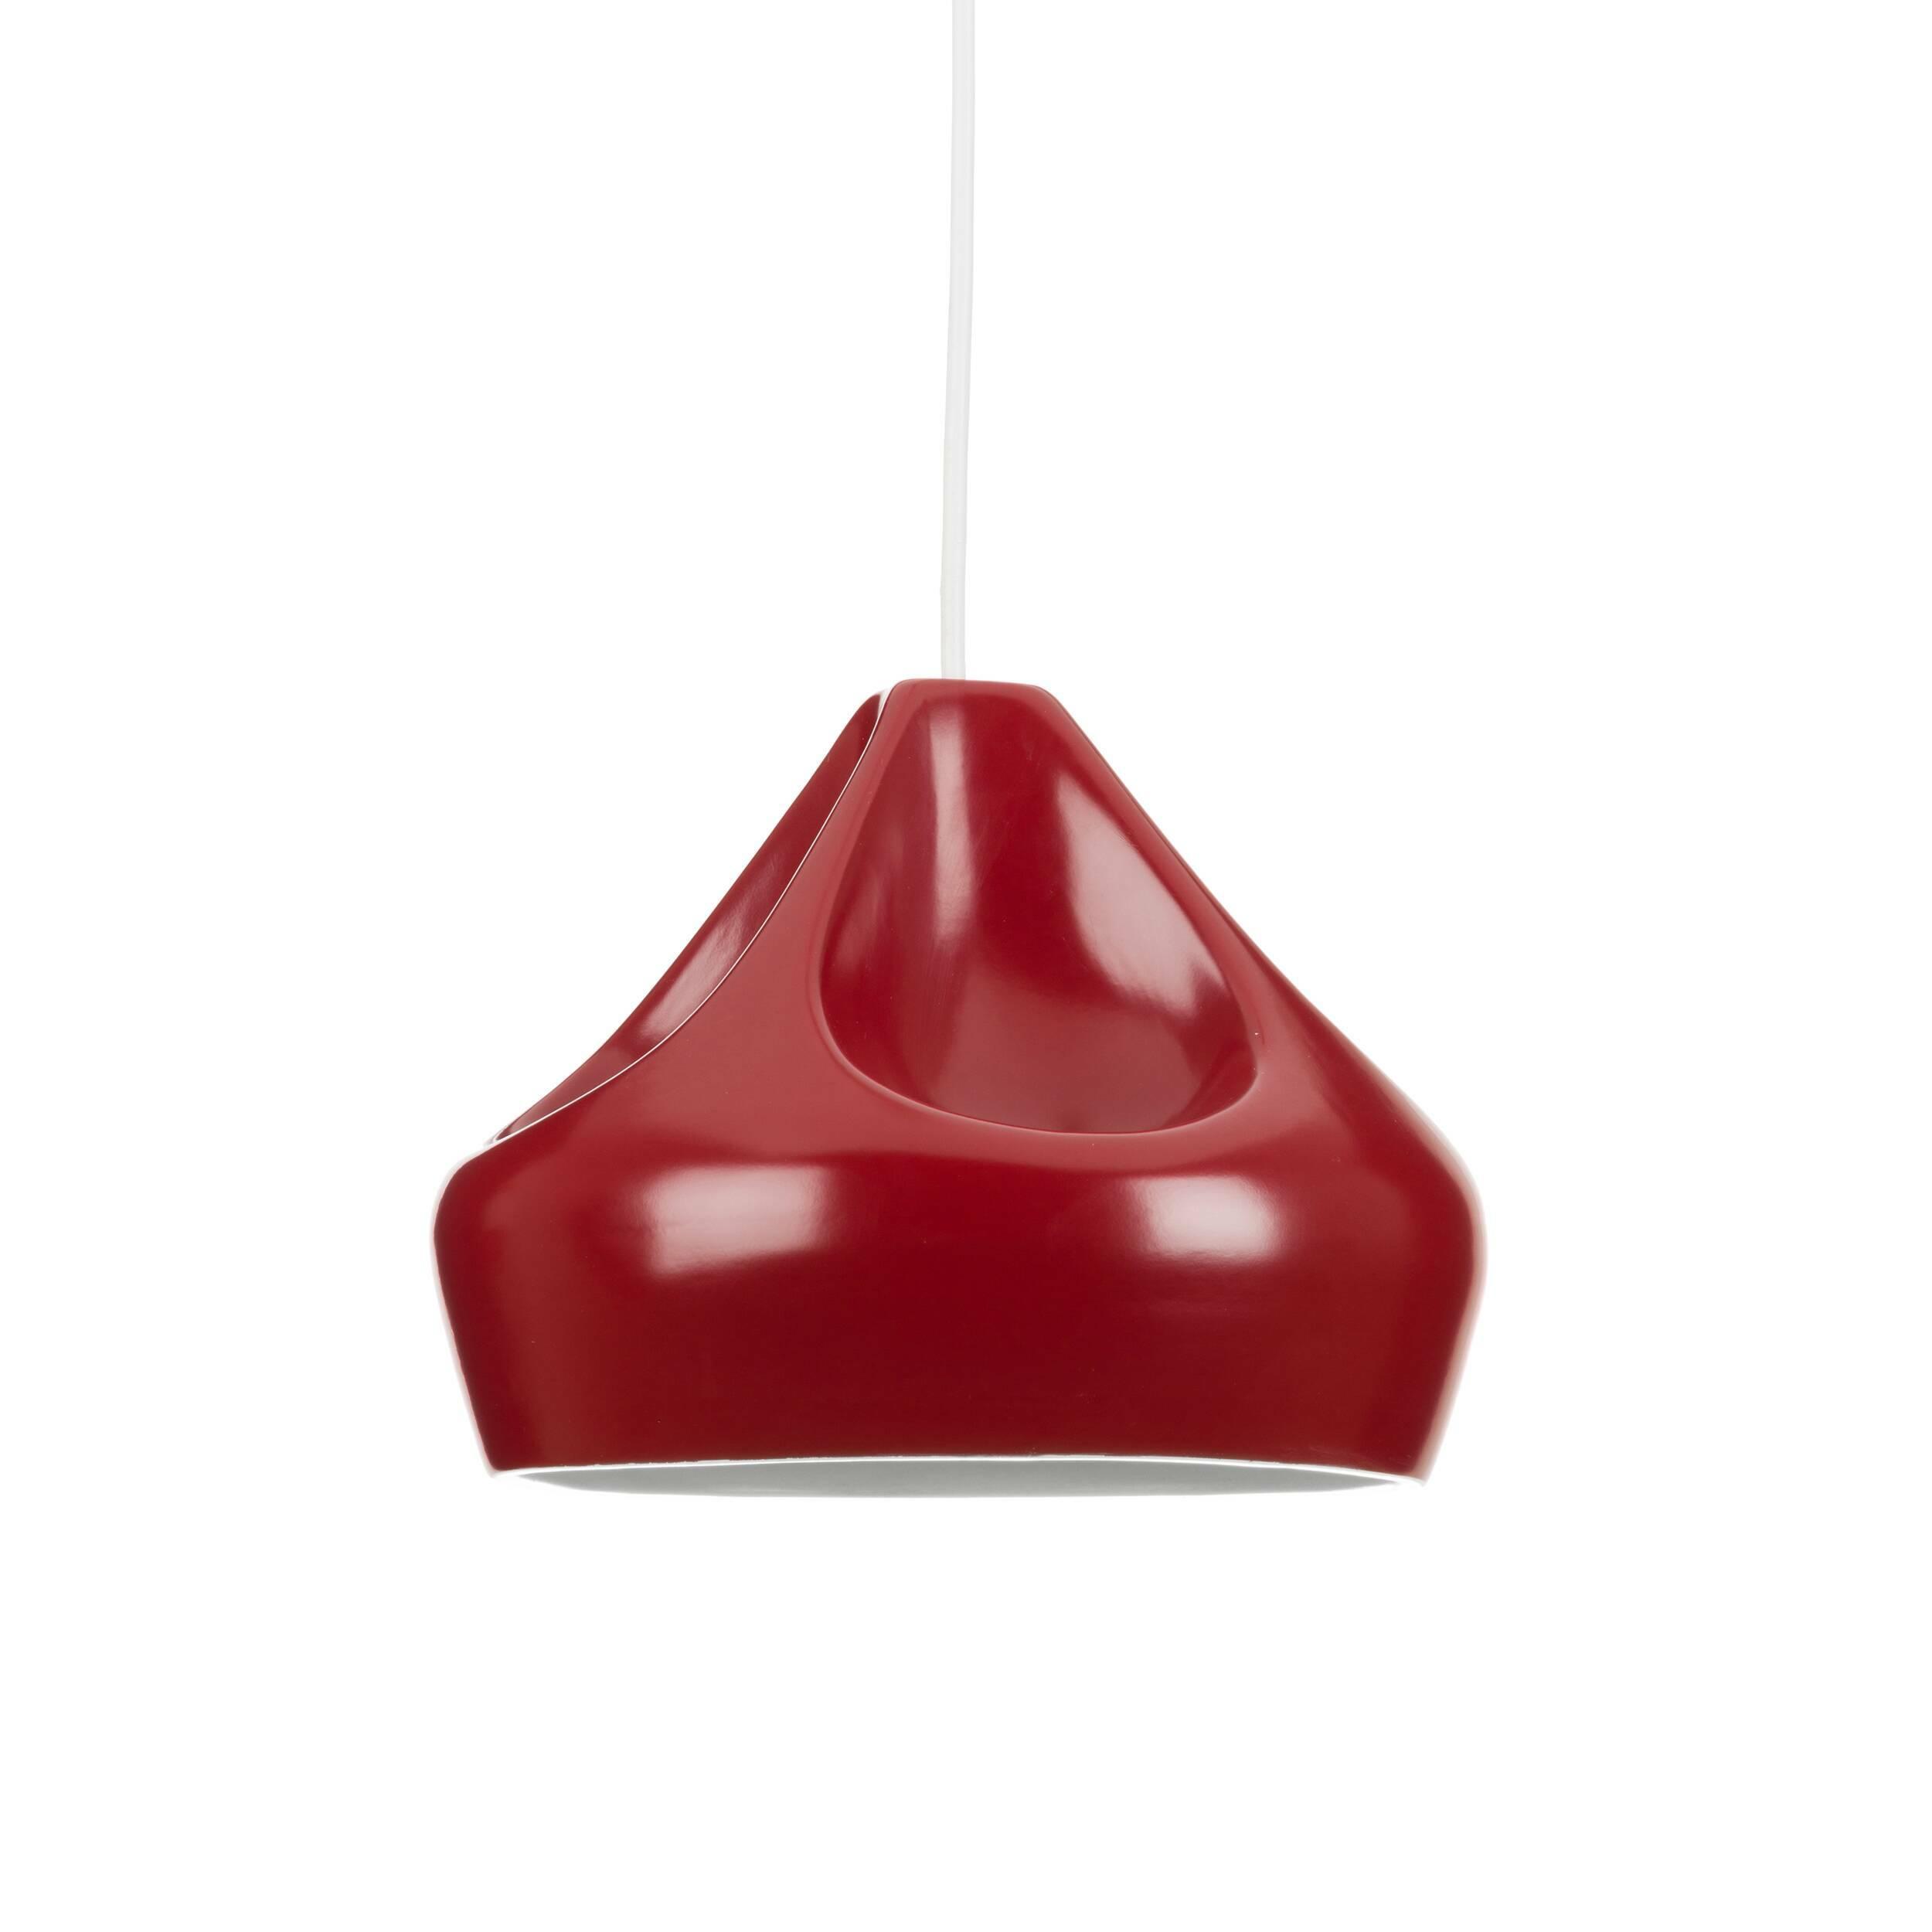 Подвесной светильник Miranda диаметр 24Подвесные<br>Коллекция ламп Pleat Box является результатом творчества дизайнера Хавьера Маньосы. Абажуры были сделаны в виде морщинистой ткани. Лампы доступны в различных цветах (золото, серебро, черный, красный и серый). <br> <br> Задумываясь об оформлении интерьера в современном стиле, не нужно изобретать колесо — существуют стили, которые одинаково уютны и современны, а также обязательно удовлетворят и искушенных, и неопытных в дизайне людей. Скандинавский стиль как раз столь лаконичен, сколь современе...<br><br>stock: 9<br>Высота: 150<br>Диаметр: 23,5<br>Количество ламп: 1<br>Материал абажура: Керамика<br>Мощность лампы: 40<br>Ламп в комплекте: Нет<br>Напряжение: 220<br>Тип лампы/цоколь: E27<br>Цвет абажура: Красный